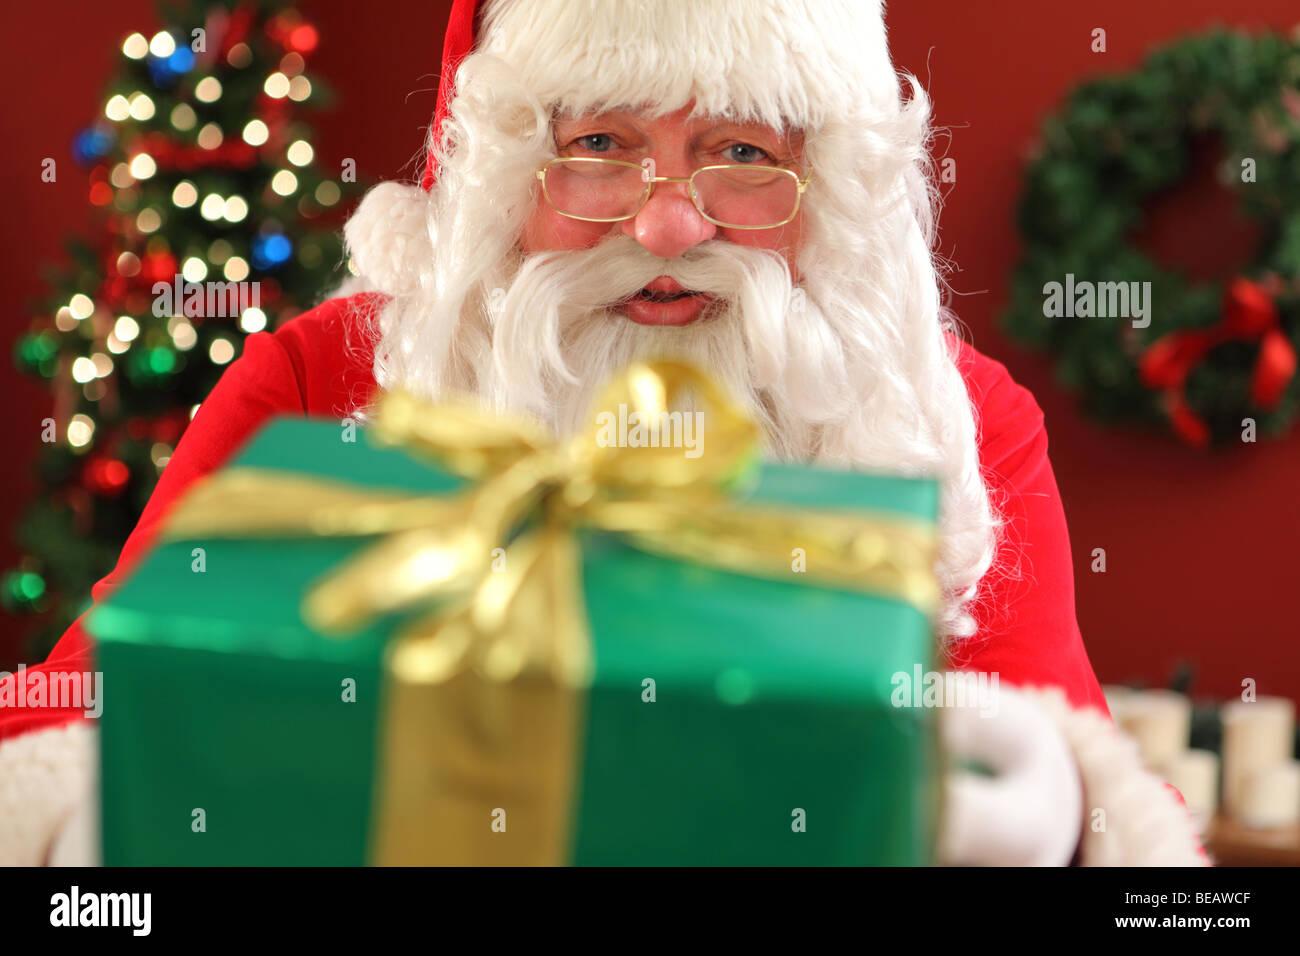 Weihnachtsmann mit Geschenk Stockbild